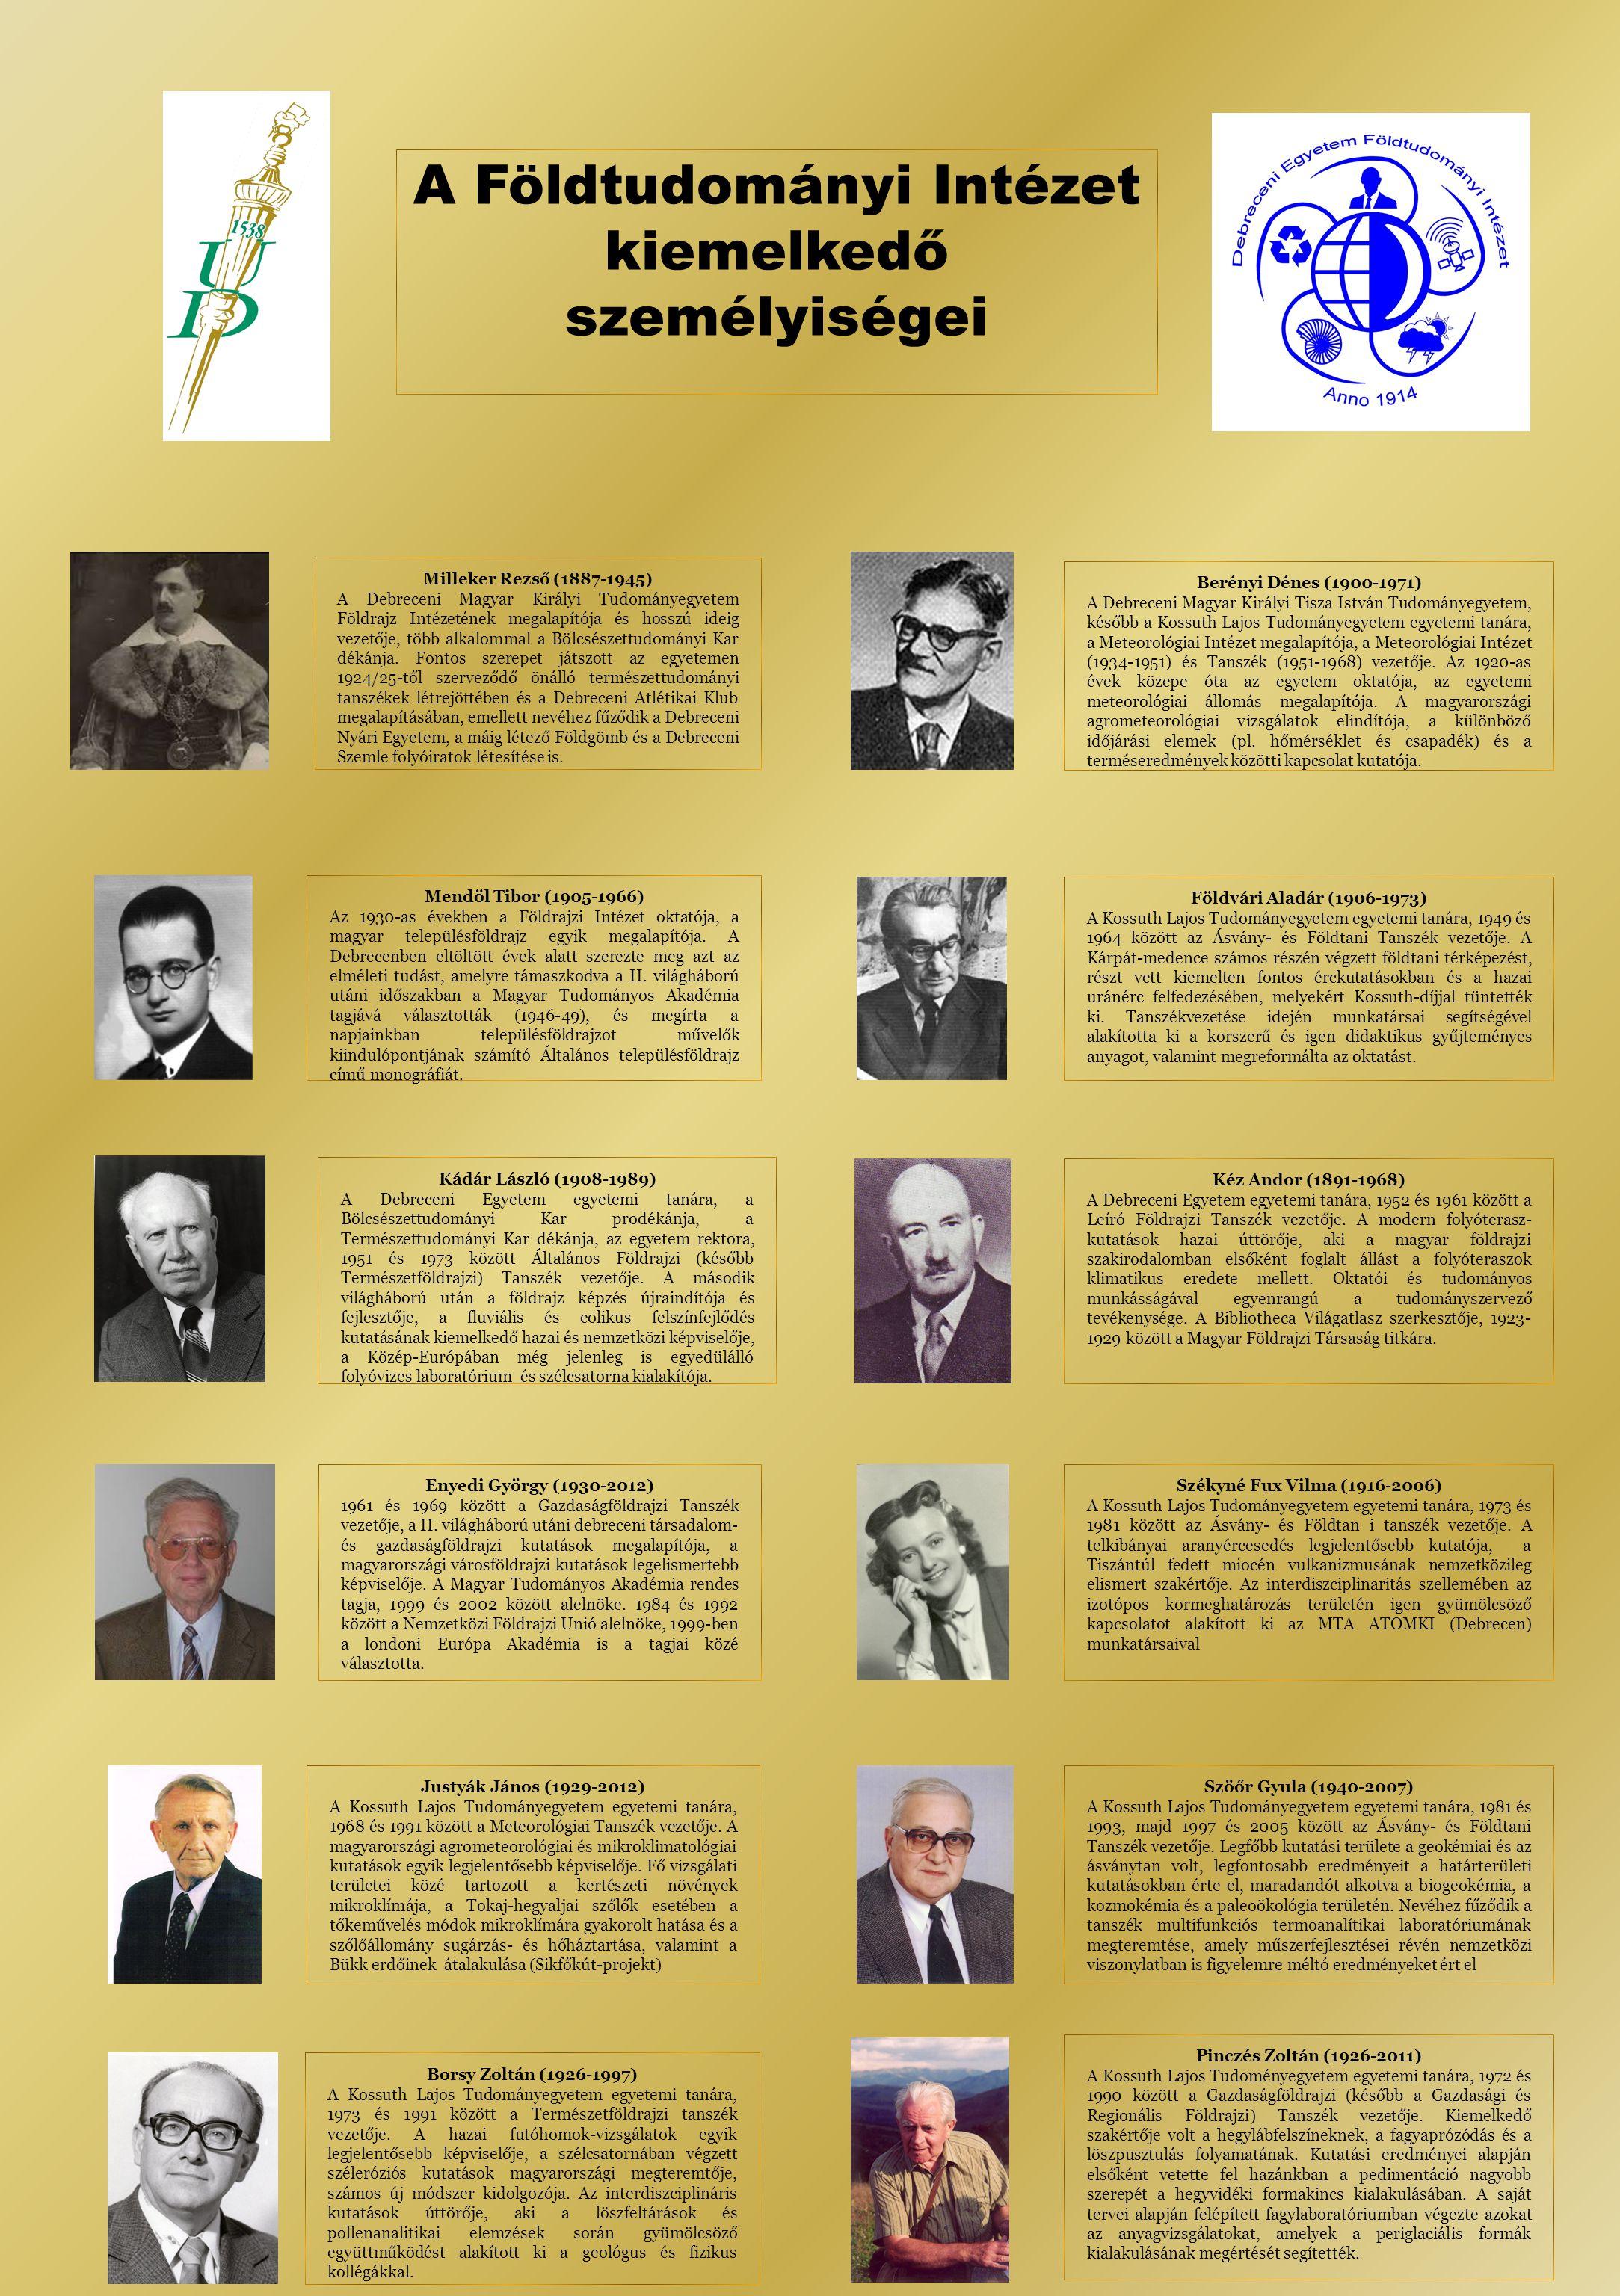 Milleker Rezső (1887-1945) A Debreceni Magyar Királyi Tudományegyetem Földrajz Intézetének megalapítója és hosszú ideig vezetője, több alkalommal a Bölcsészettudományi Kar dékánja.